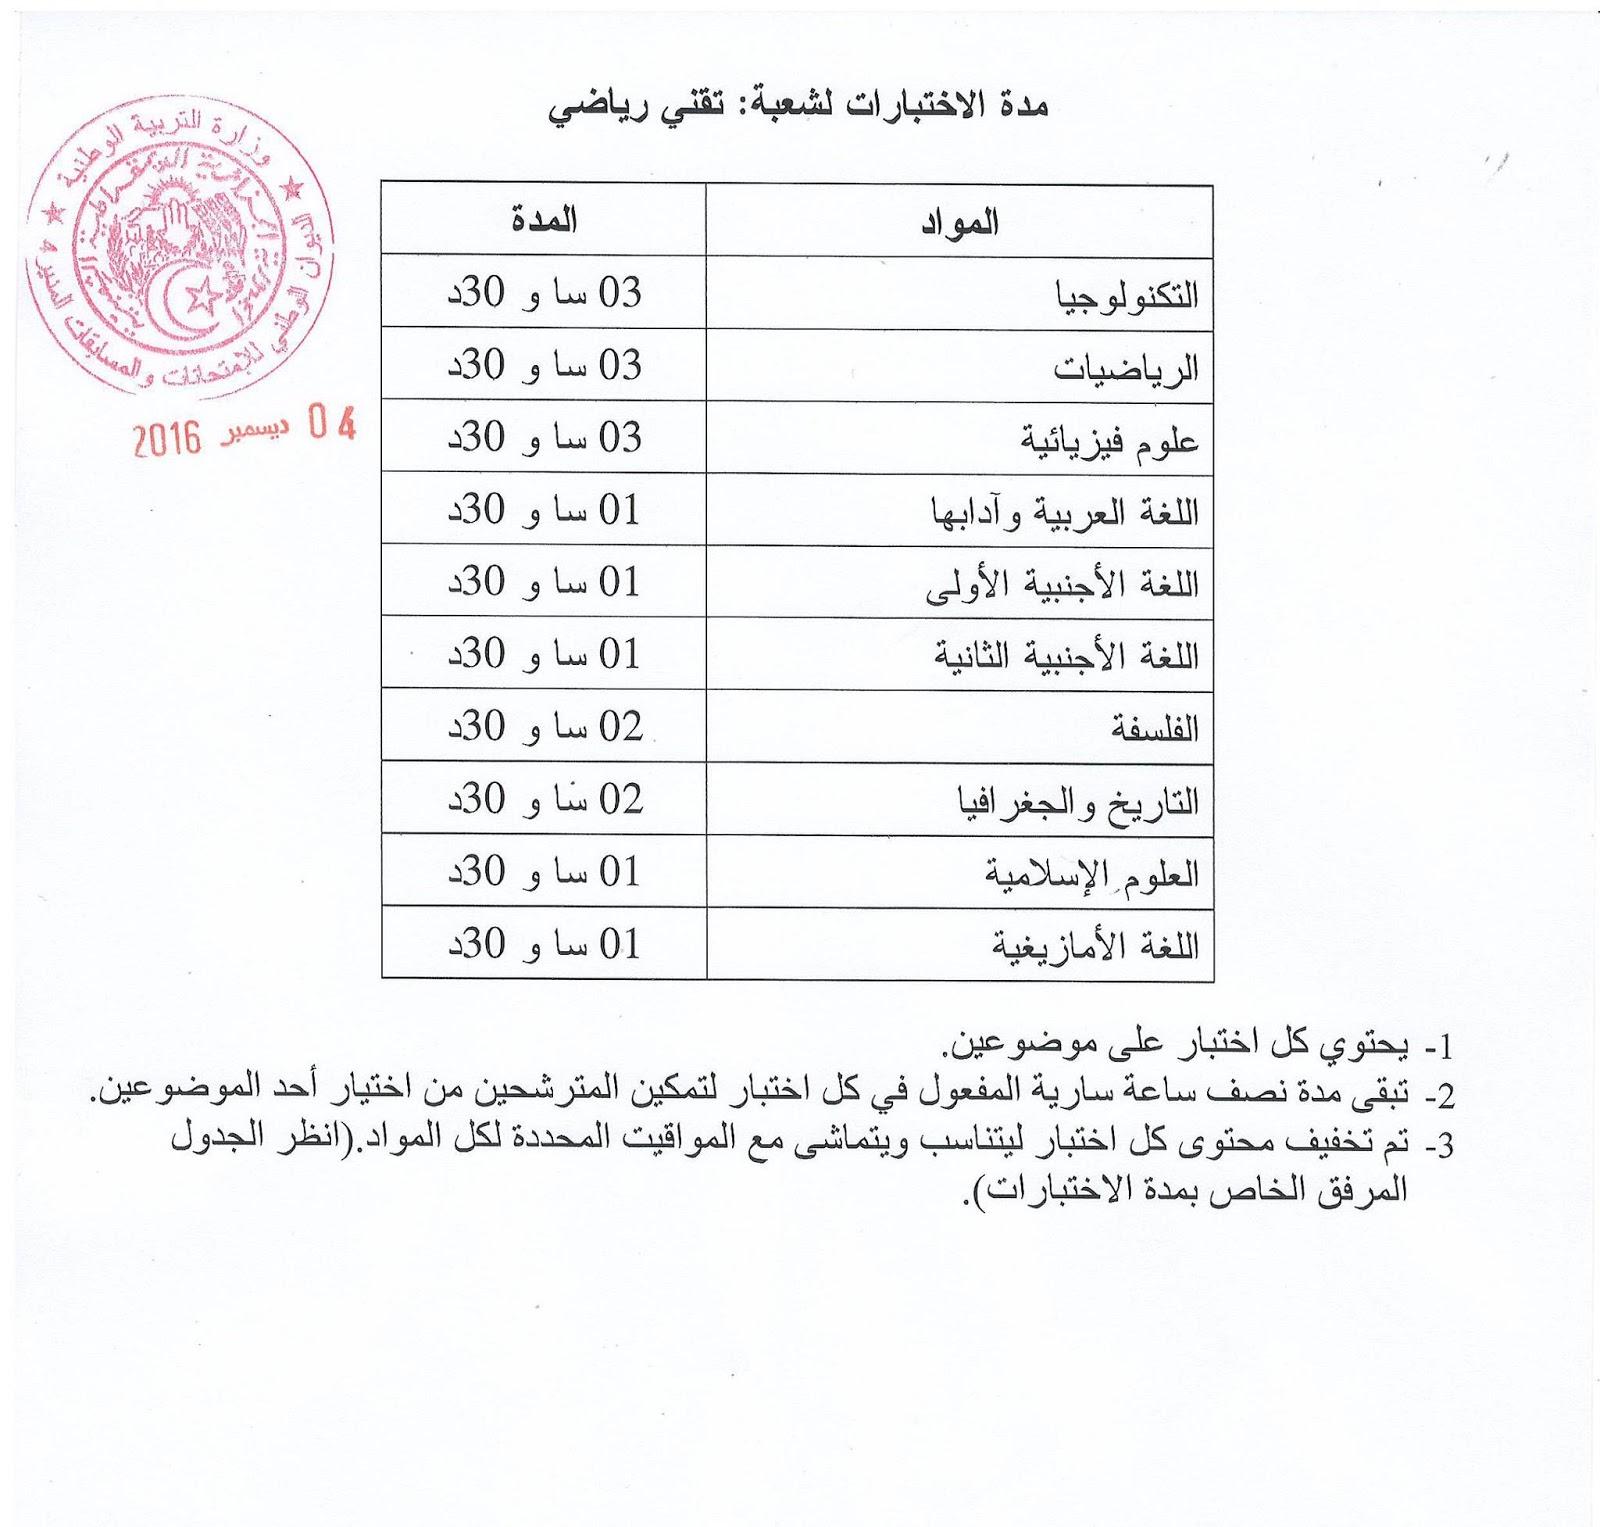 جدول سير اختبارات شهادة البكالوريا تقني رياضي :